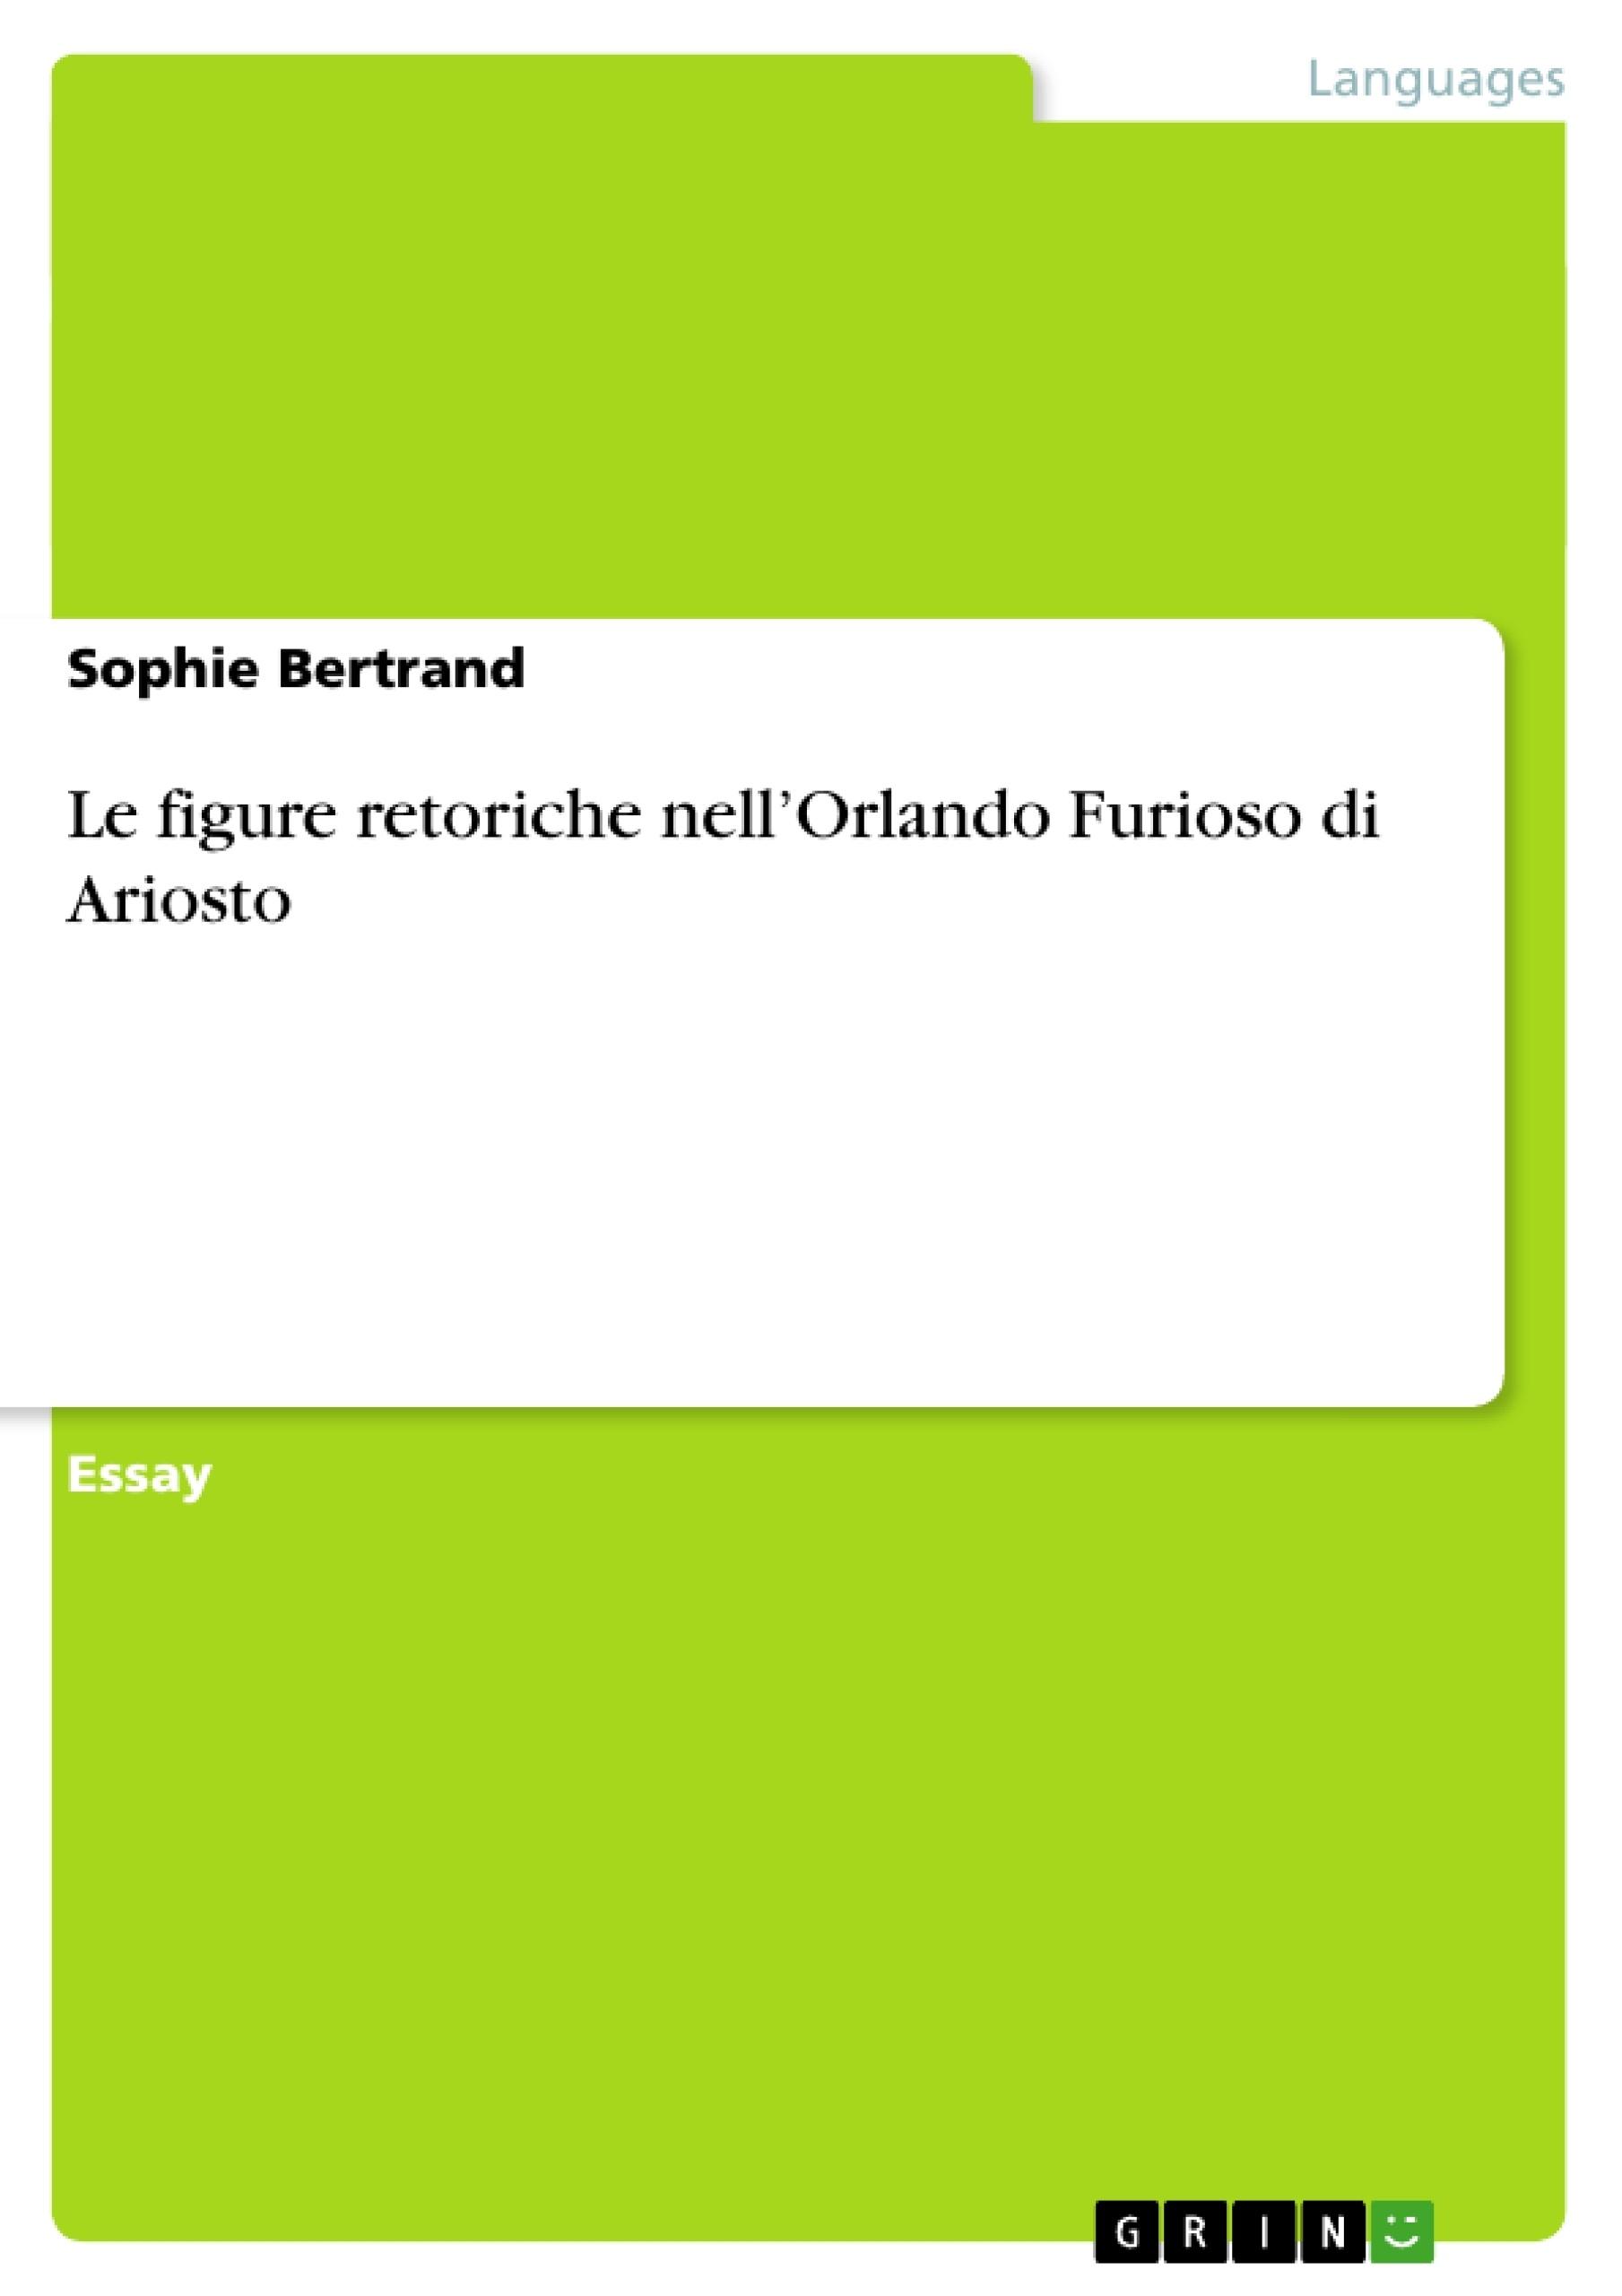 Title: Le figure retoriche nell'Orlando Furioso di Ariosto